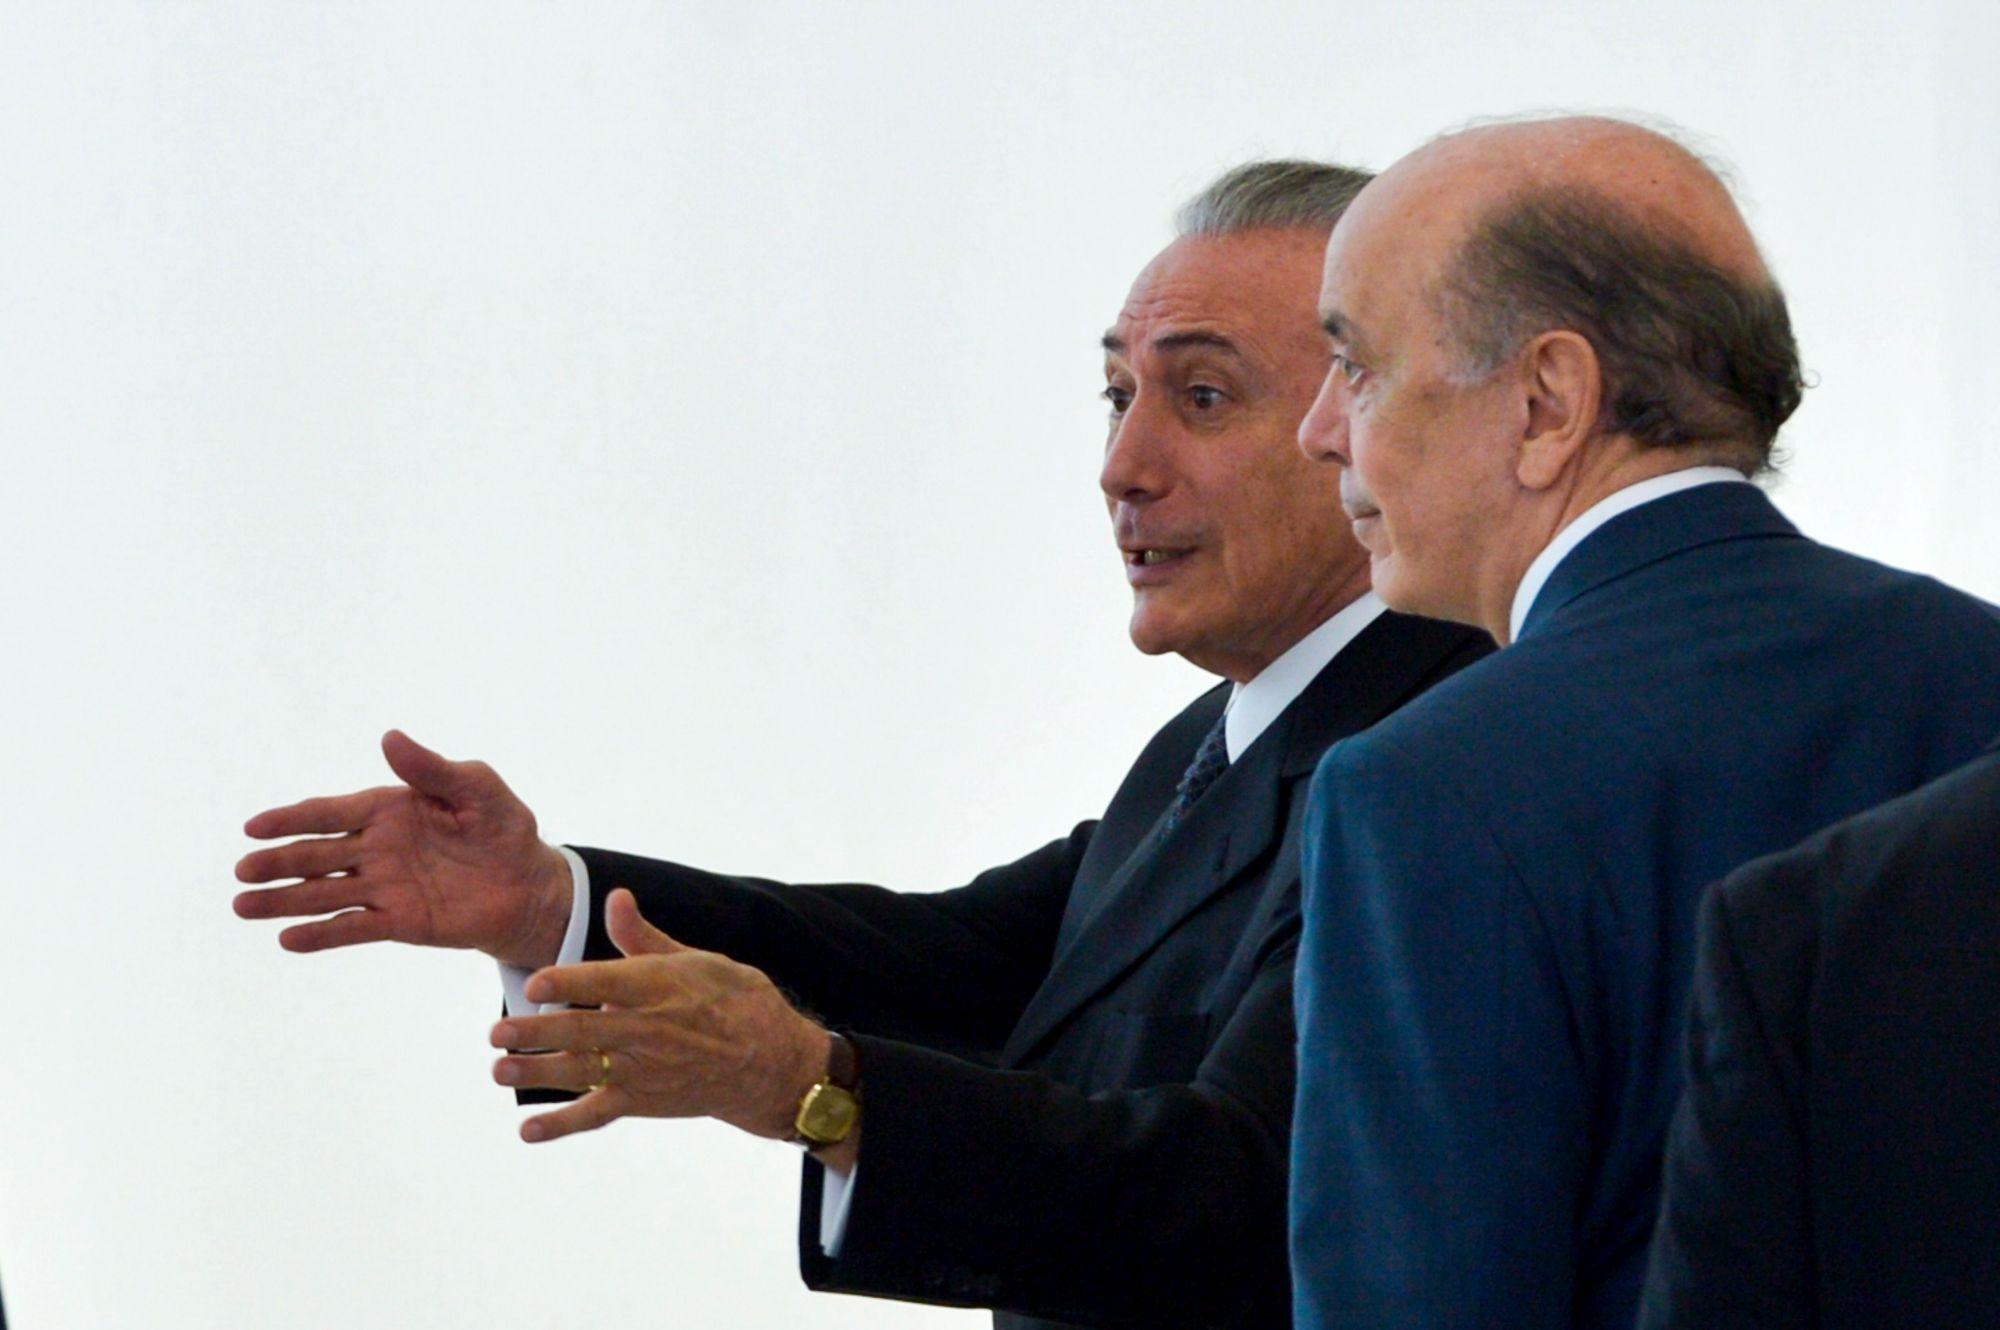 Michel Temer e José Serra: política de abertura para atrair capital estrangeiro e novas tecnologias na construção civil